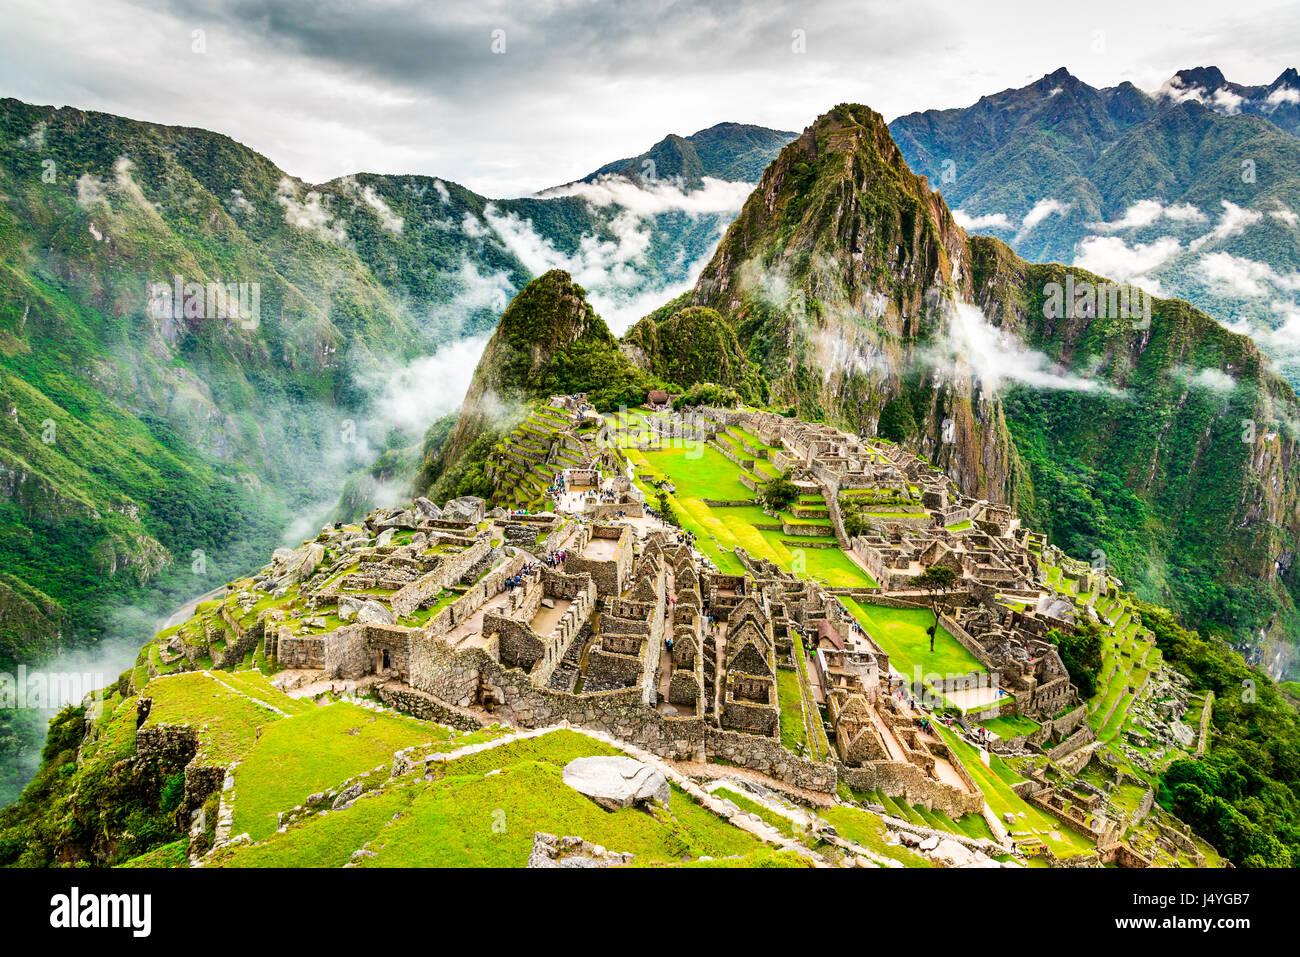 Mountain living near cusco peru royalty free stock photo - Machu Picchu Peru Ruins Of Inca Empire City In Cusco Region Amazing Place Of South America